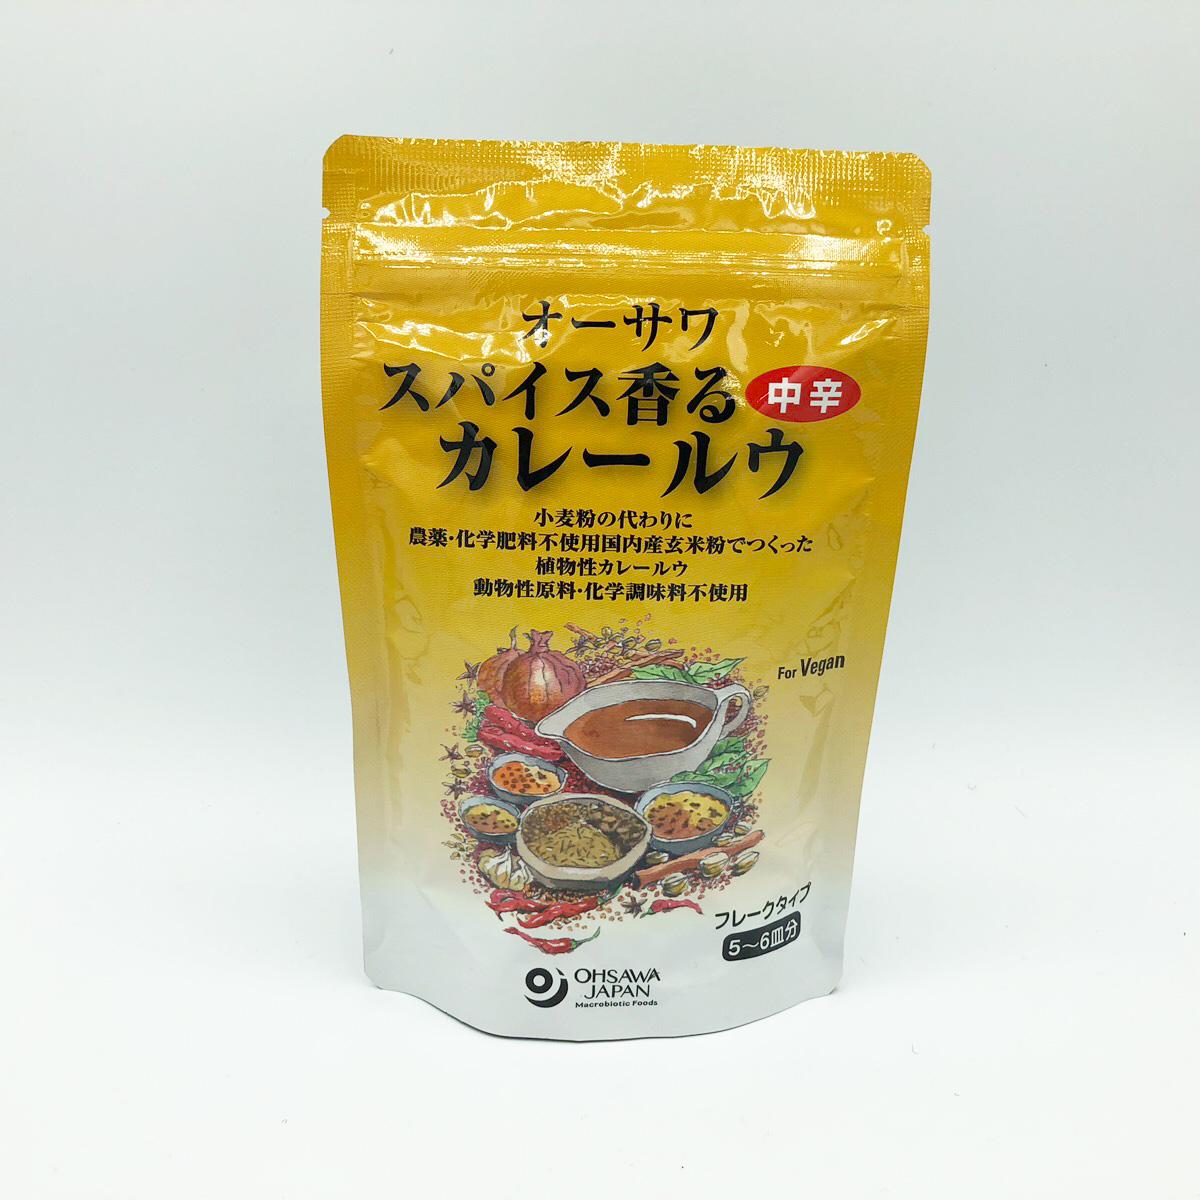 オオサワスパイス香るカレールウ(中辛)